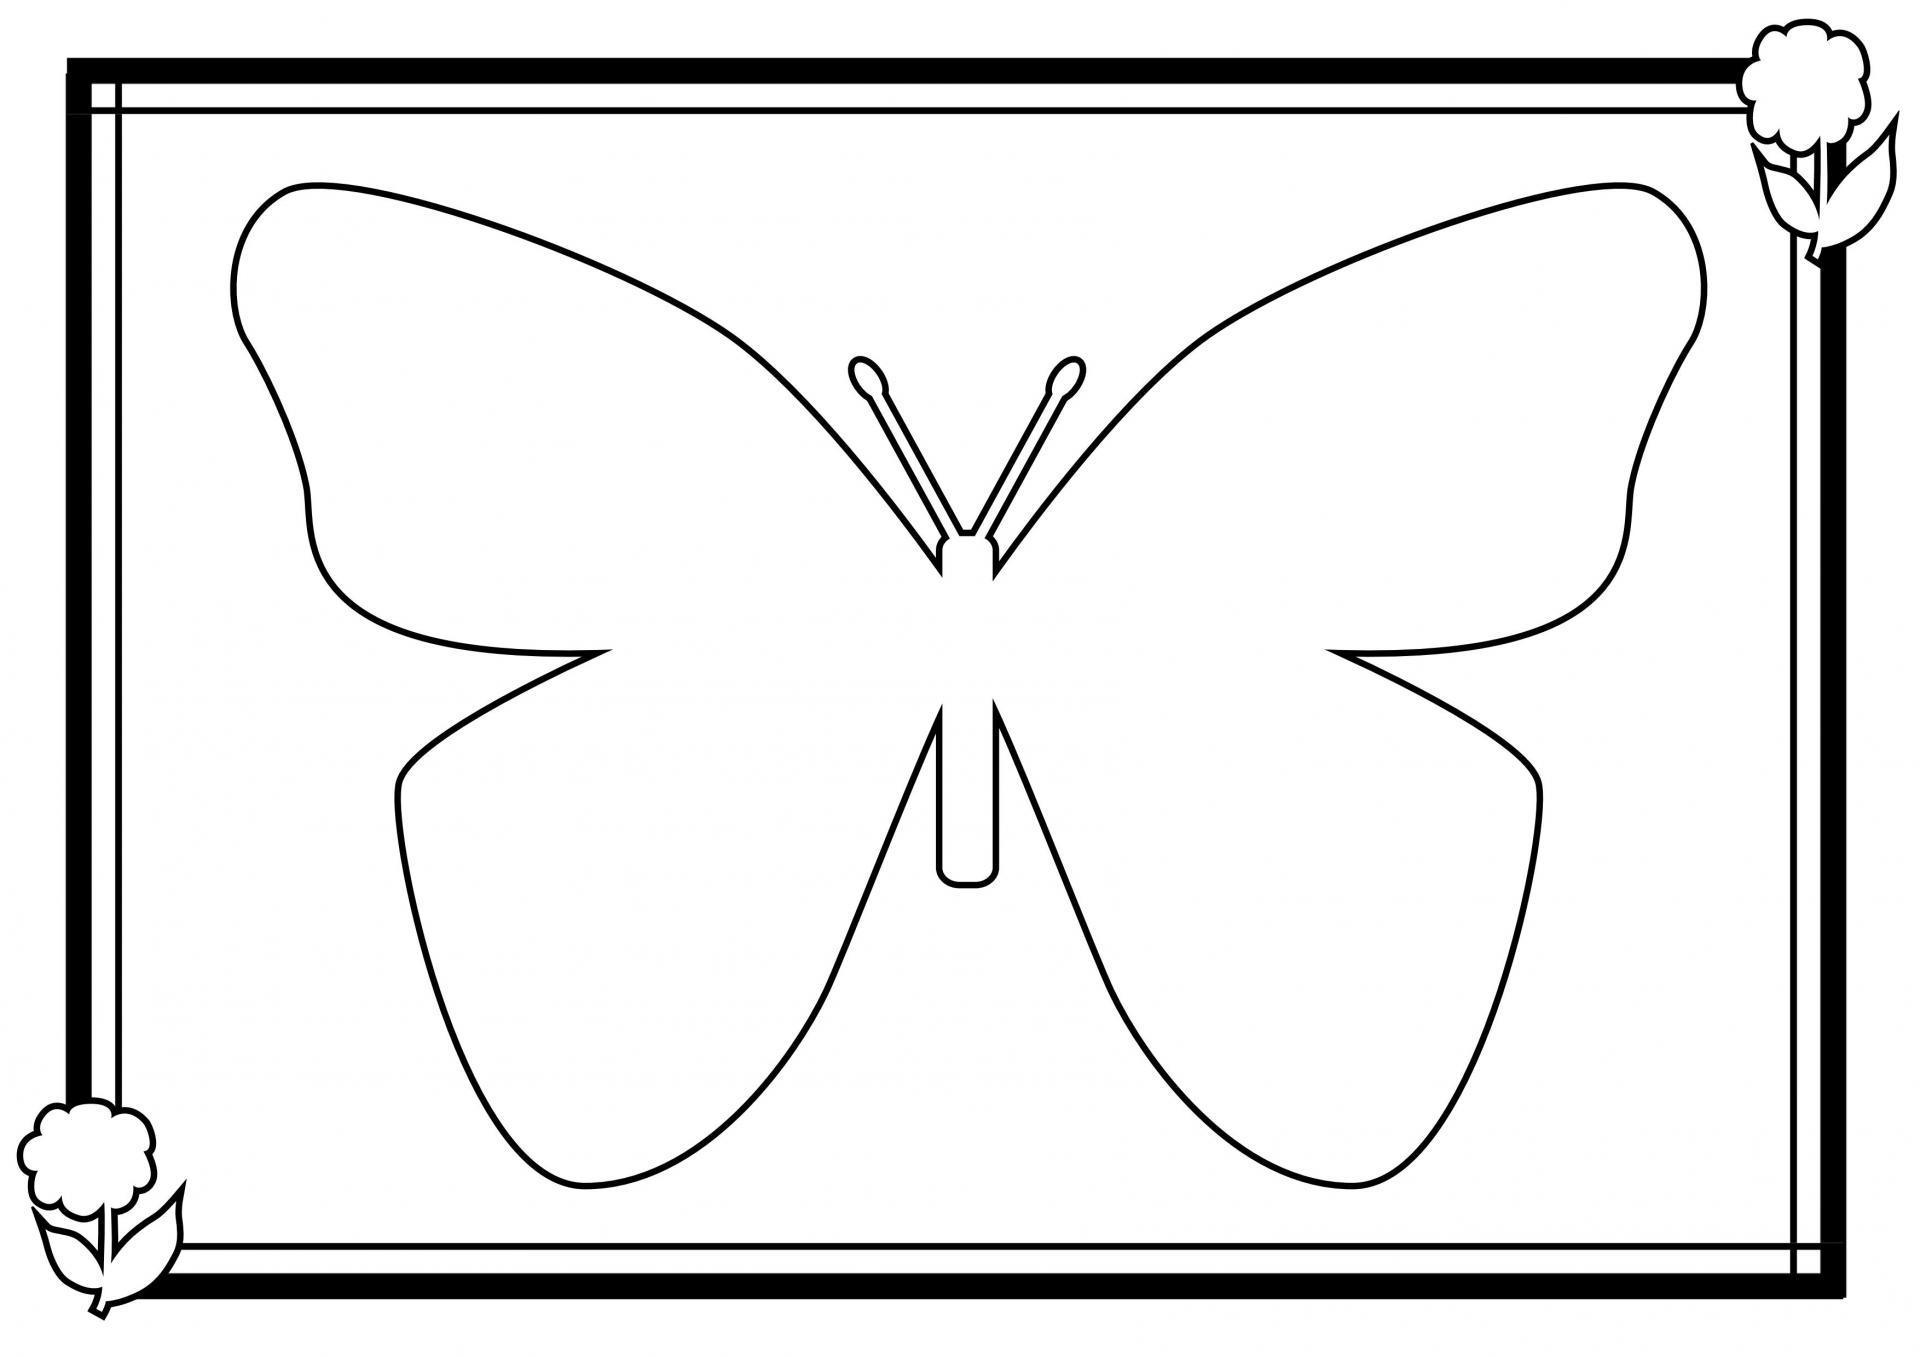 Coloriage Papillon destiné Coloriage De Papillon A Imprimer Gratuit